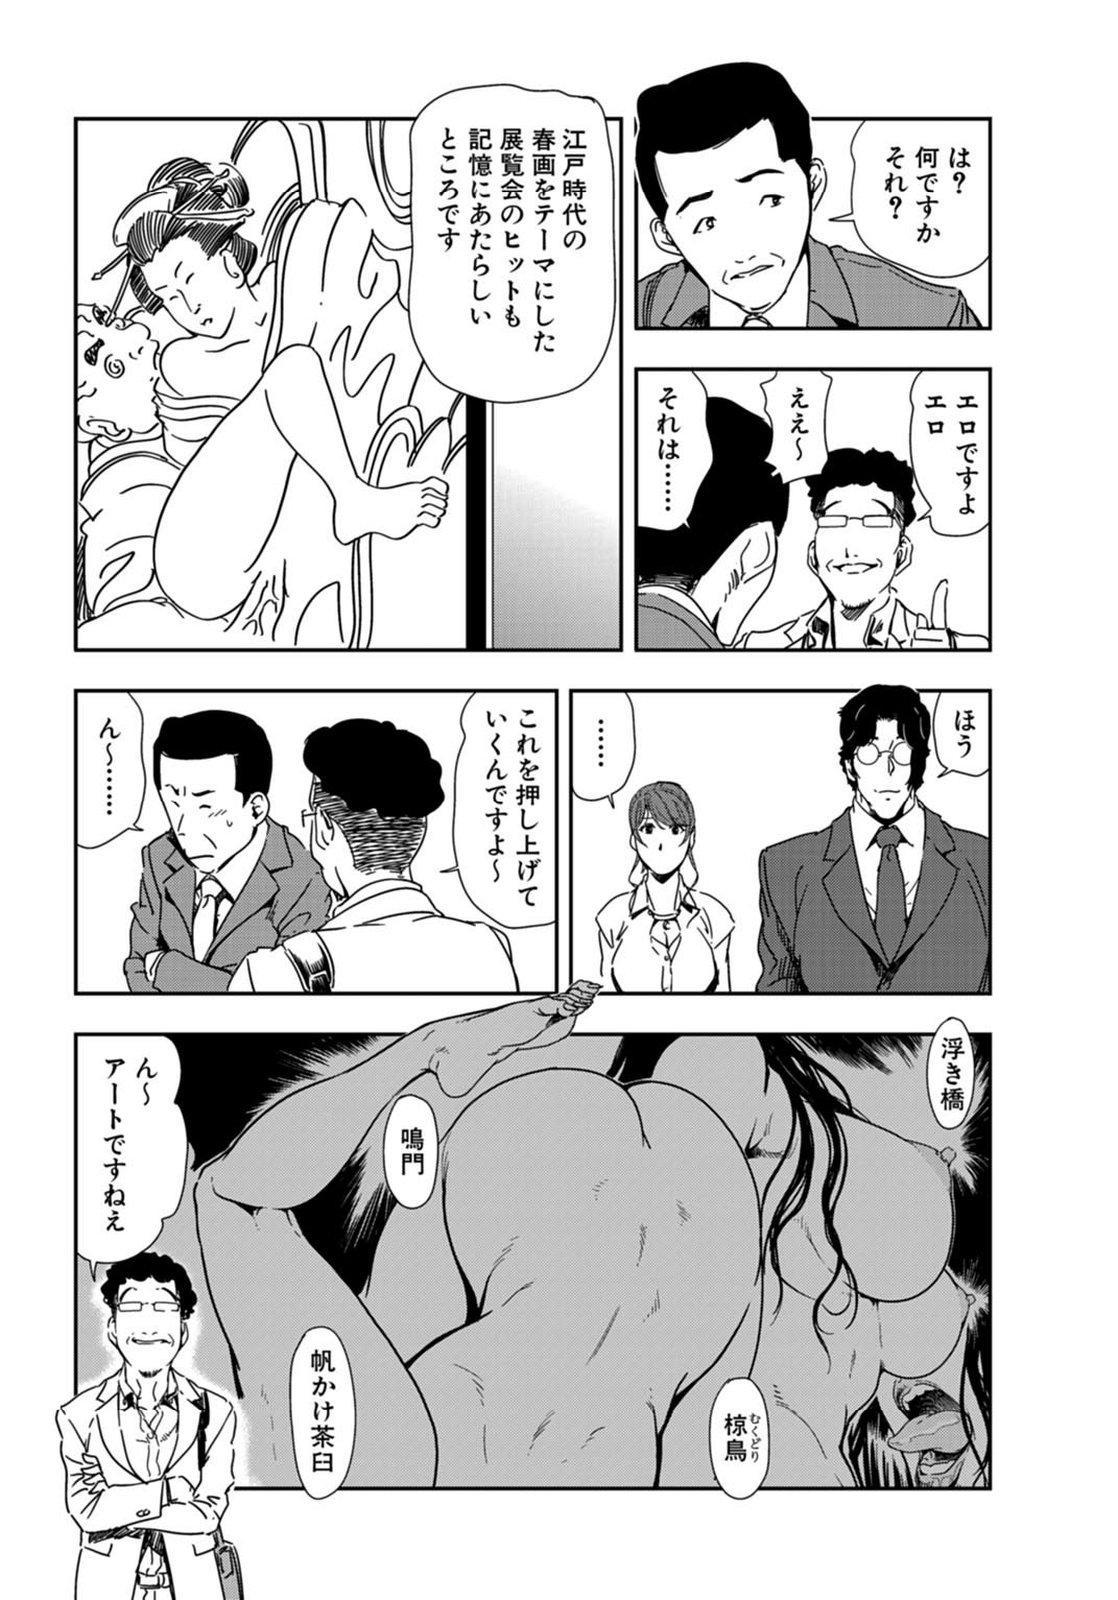 Nikuhisyo Yukiko 21 5